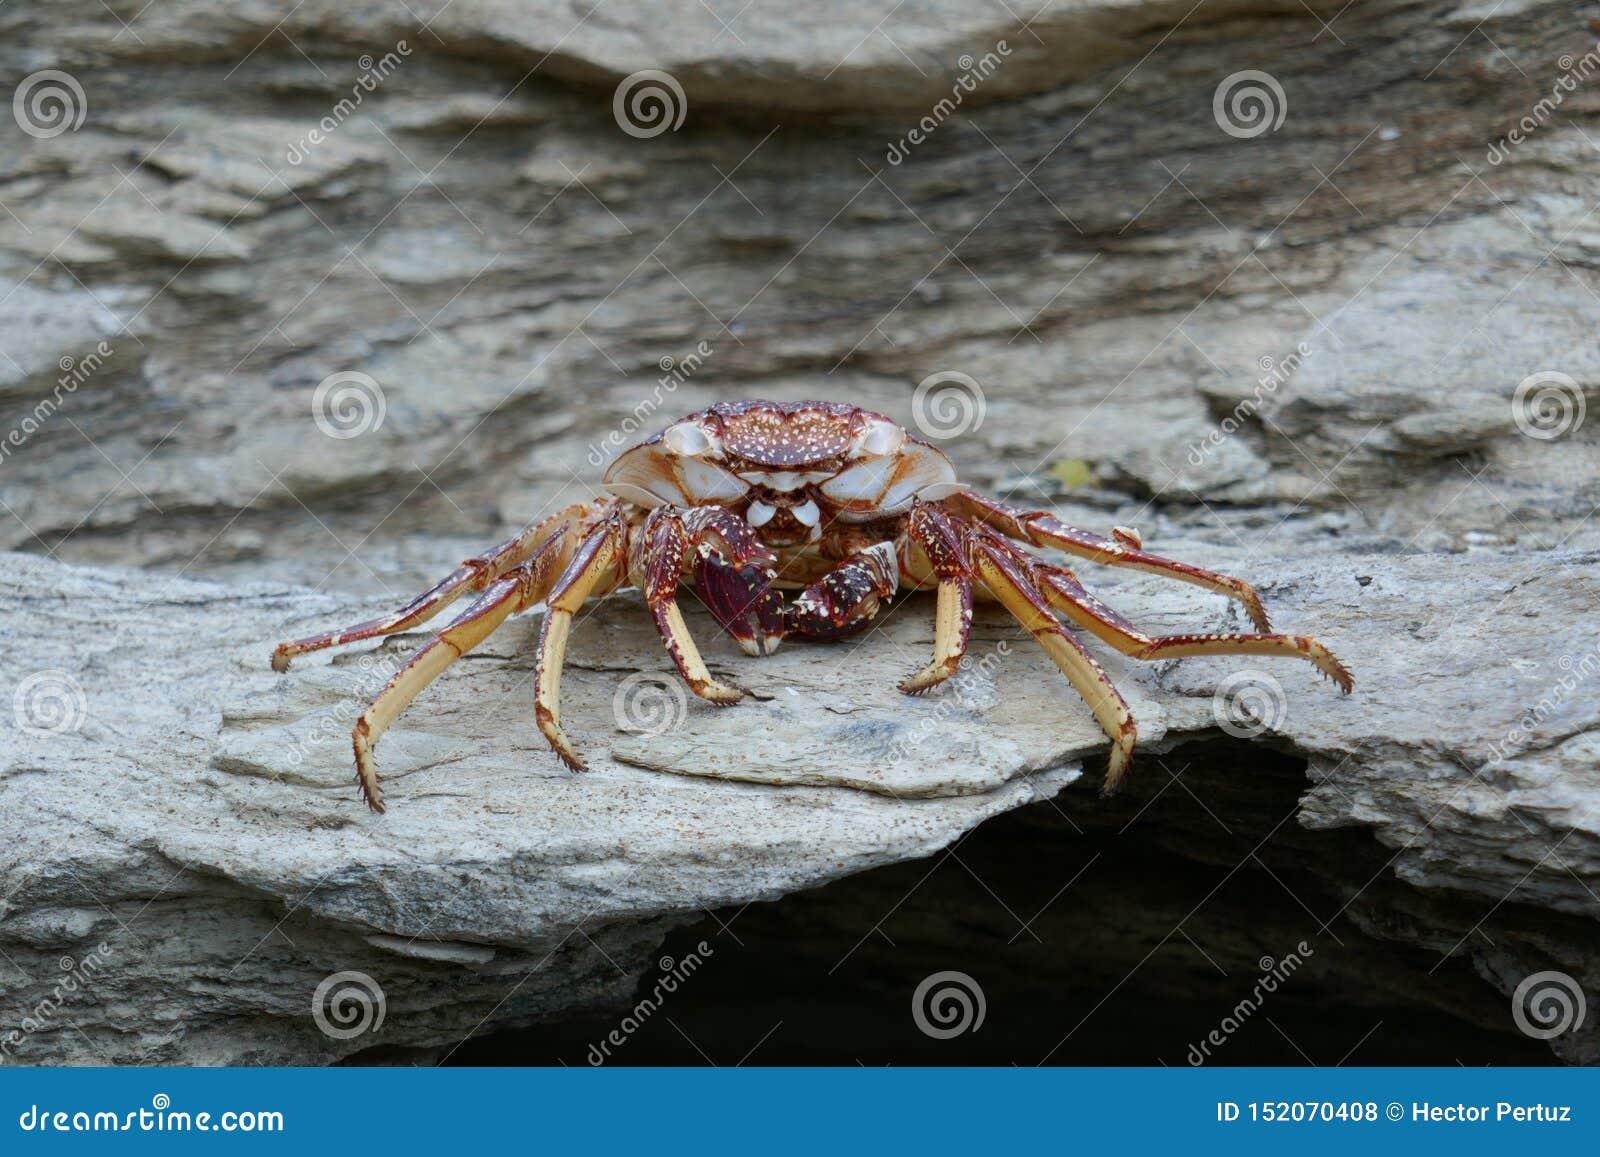 Cangrejo muerto en una roca